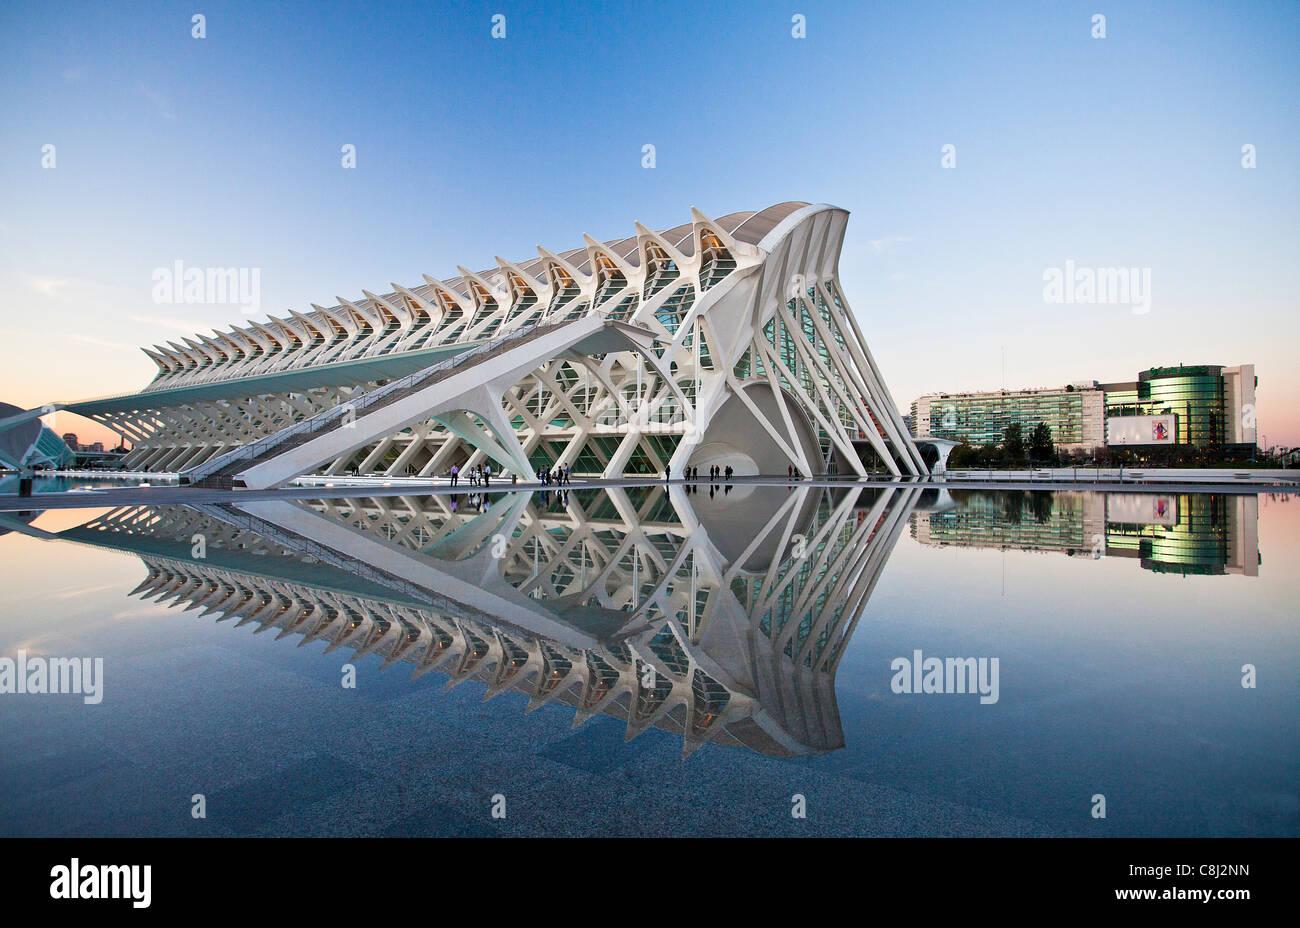 España, Europa, Valencia, Ciudad de las Artes y las Ciencias, Calatrava, la arquitectura moderna, el agua Imagen De Stock